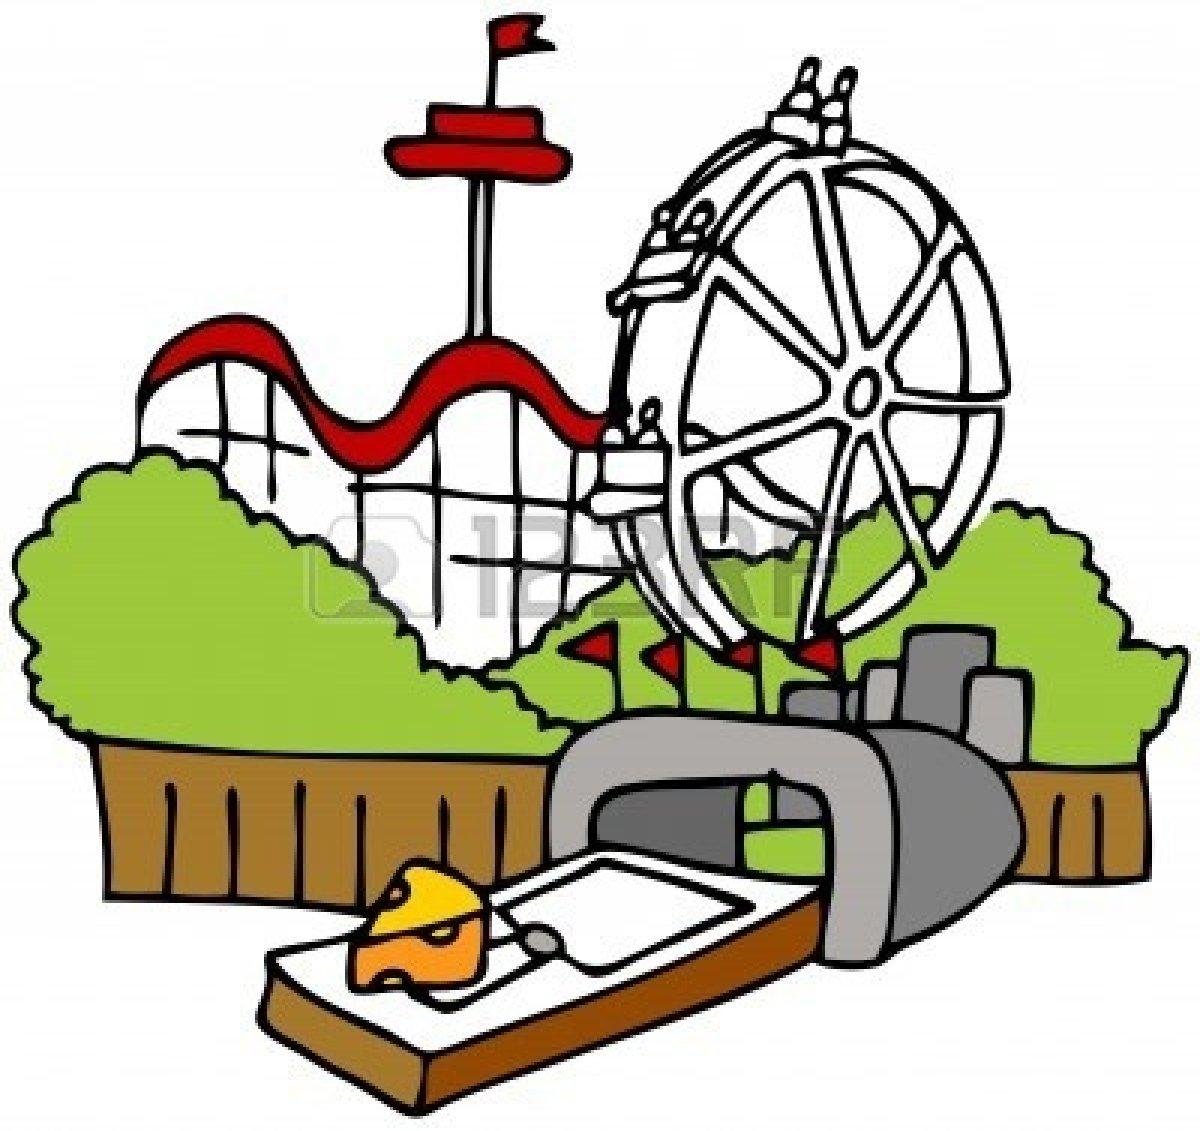 1200x1131 Park Clipart Children's Park